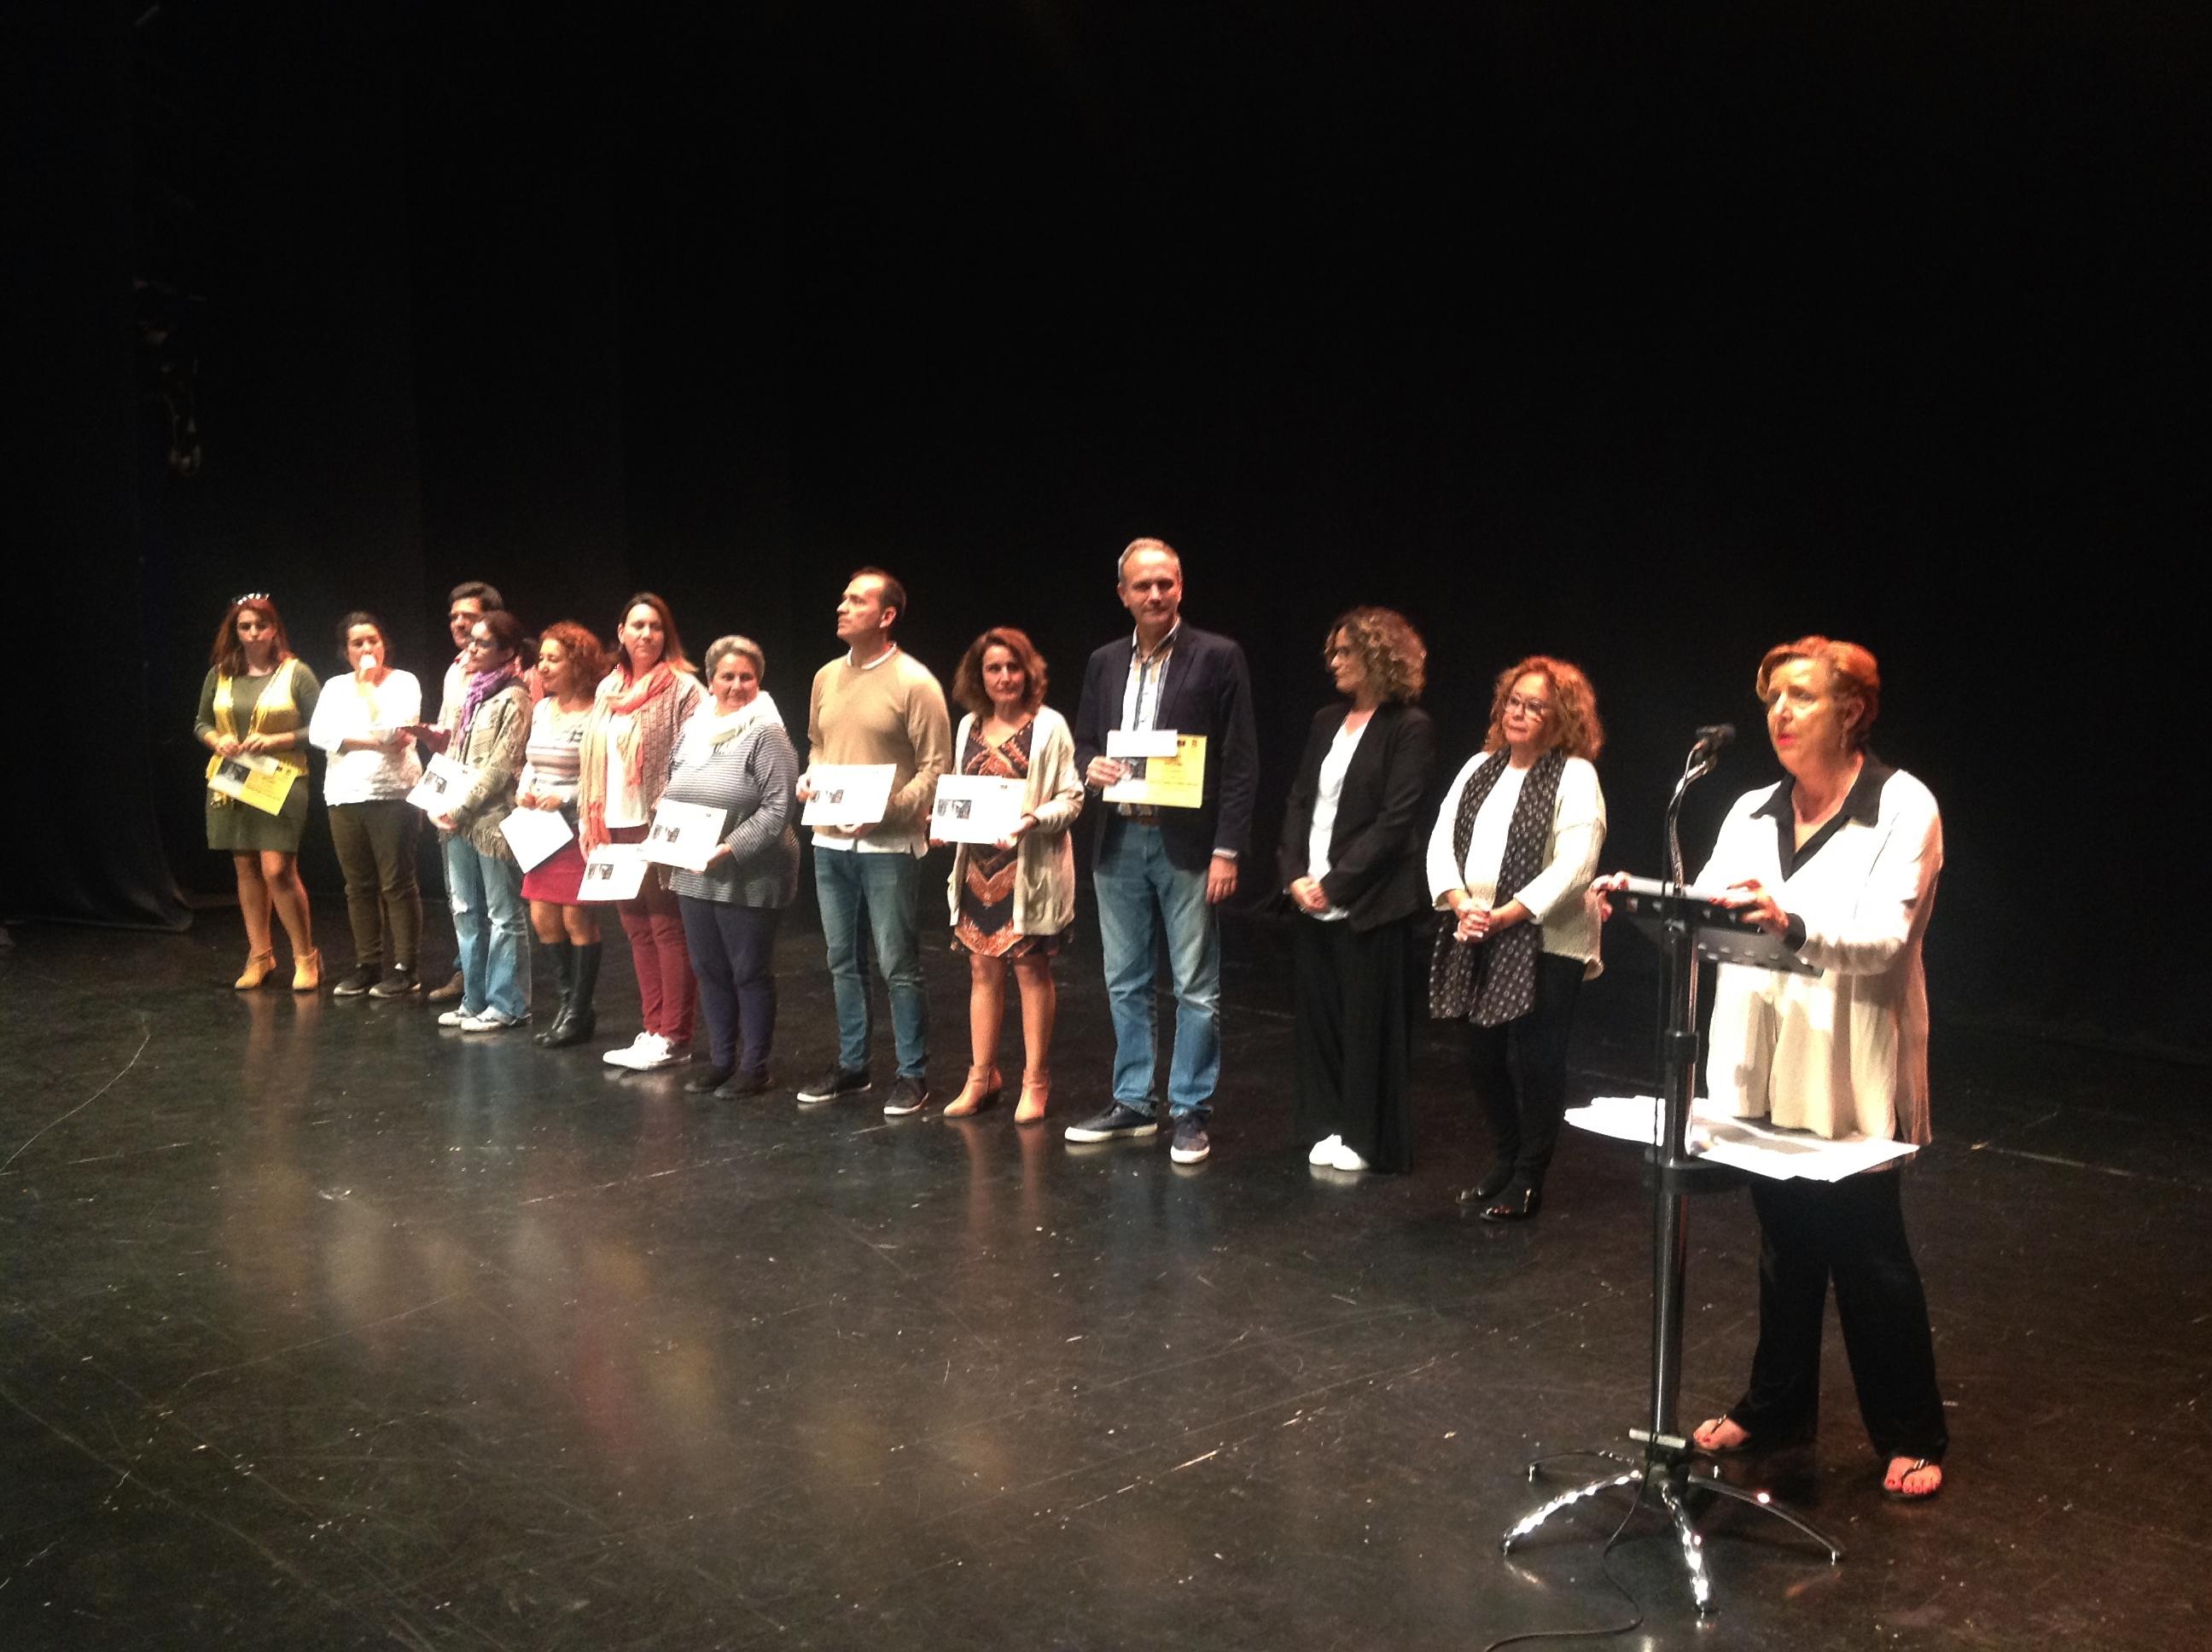 ACTO DE CLAUSURA DE LA ENTREGA DE LOS PREMIOS DEL CERTAMEN LITERARIO DE ALMUÑÉCAR (Foto: El Faro)